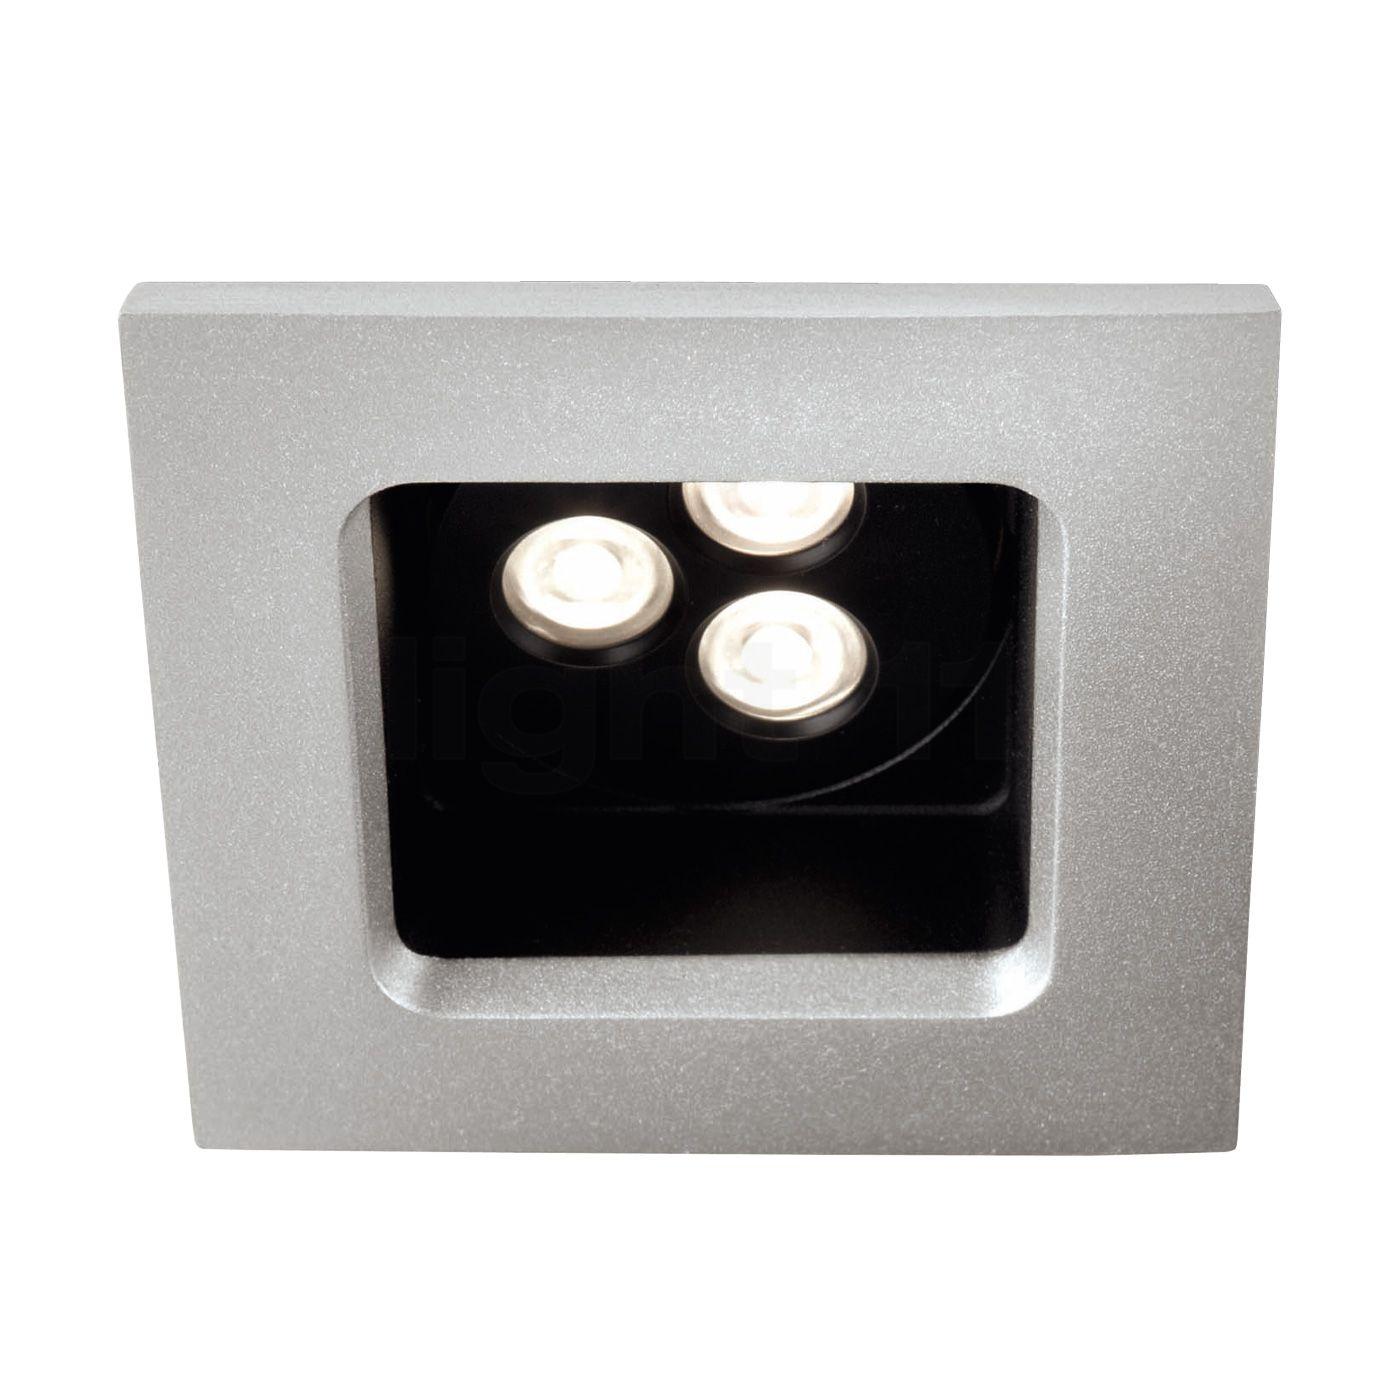 philips myliving stardust 57971 spot led strahler und spot. Black Bedroom Furniture Sets. Home Design Ideas